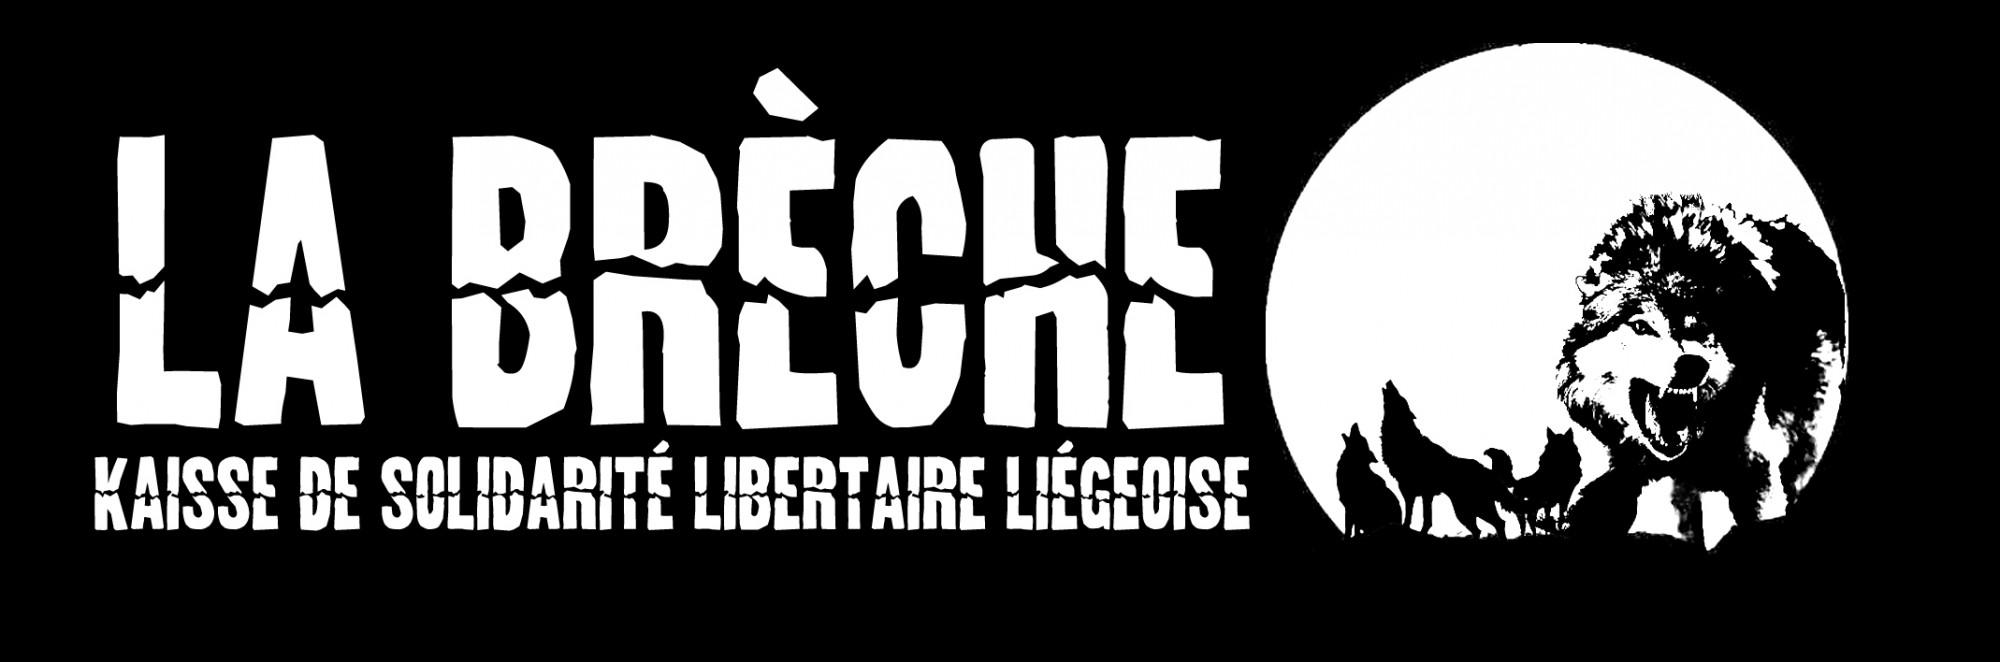 La Brèche – kaisse de solidarité libertaire liégeoise